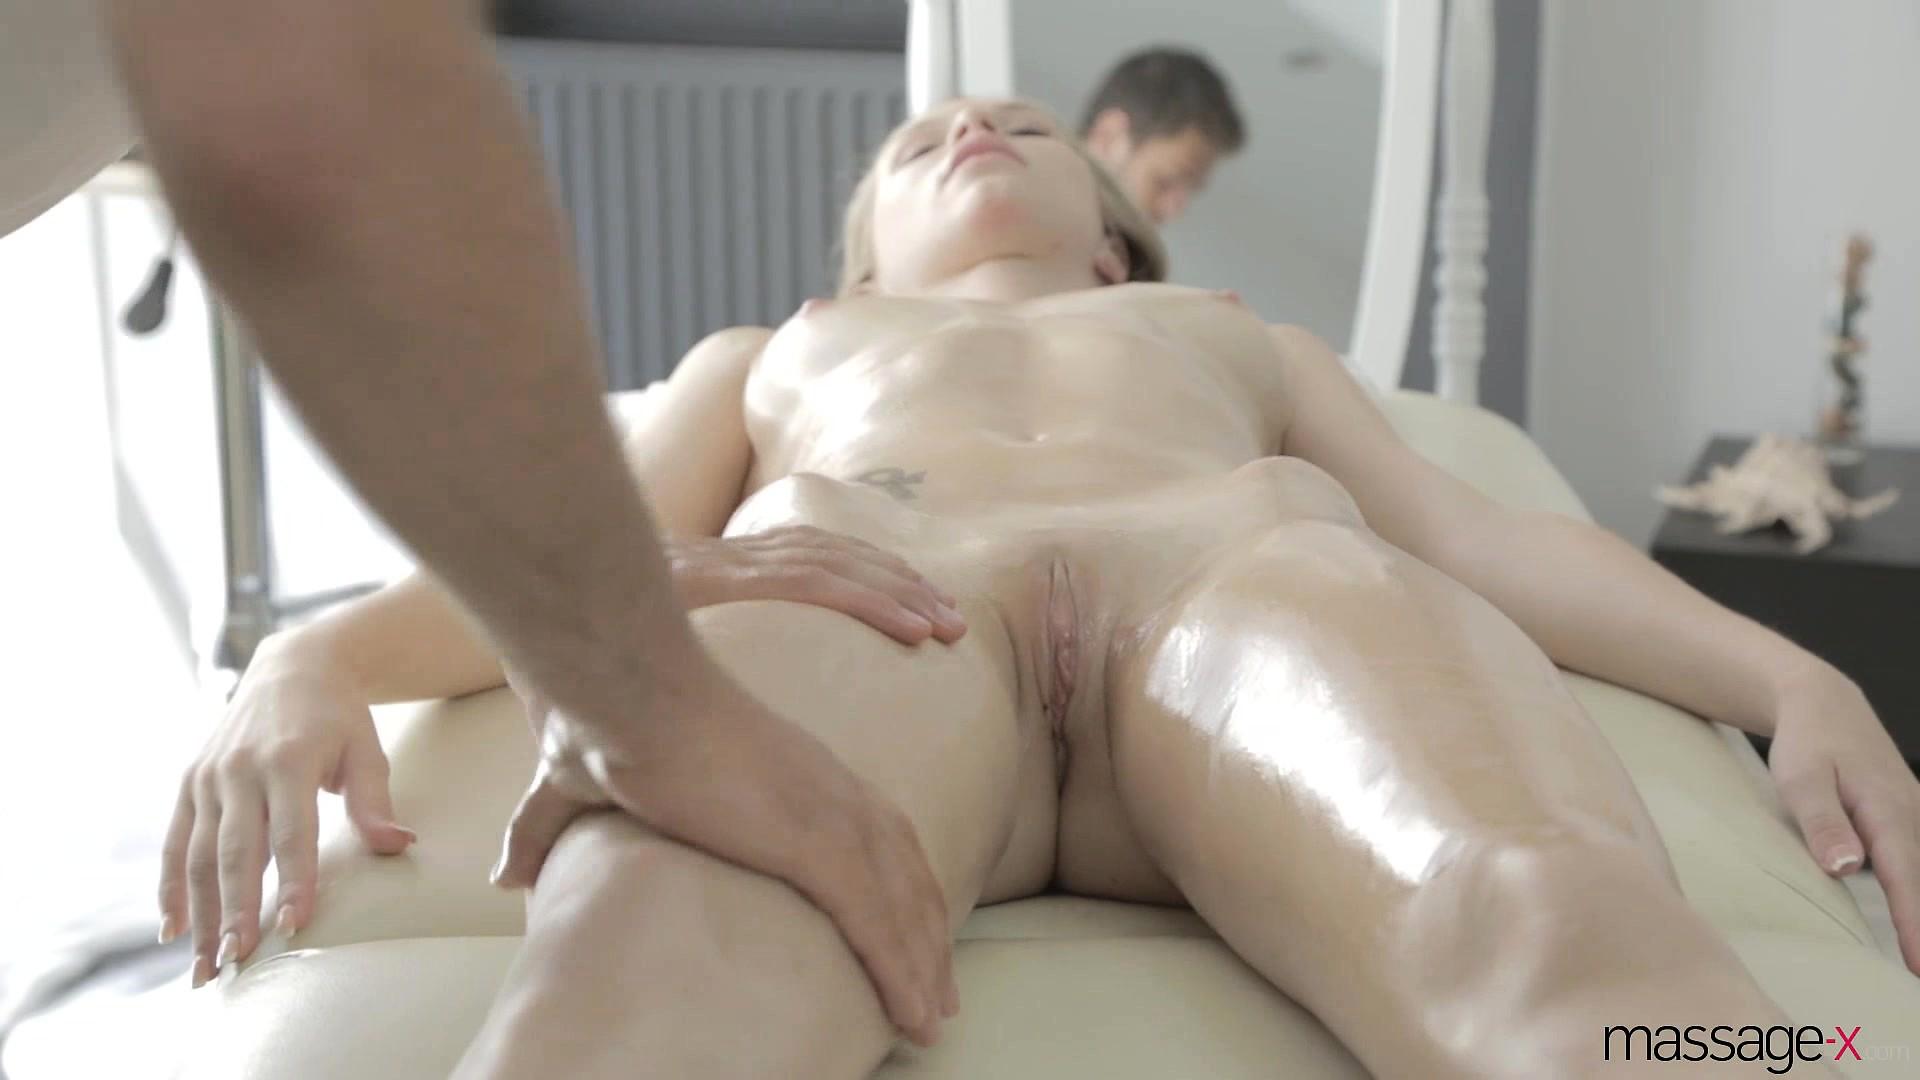 Русский массаж переходящий в секс быть, это